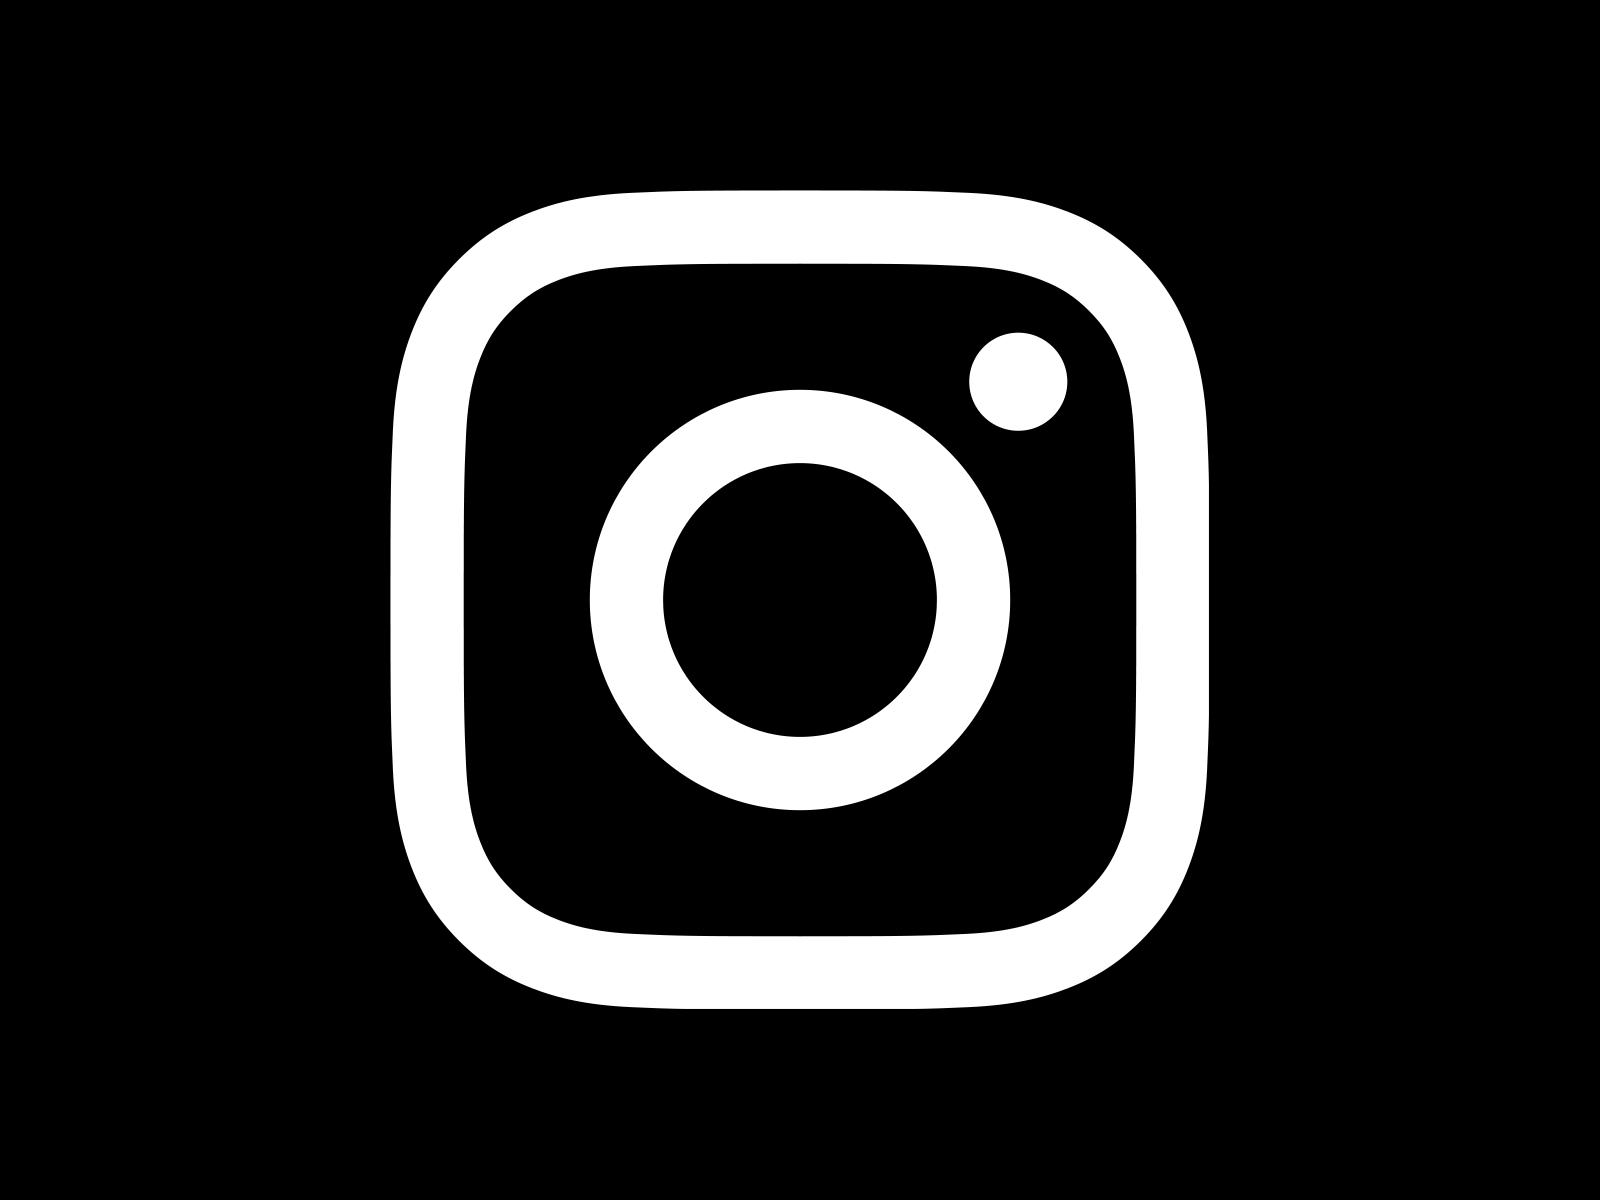 Instagram LSO